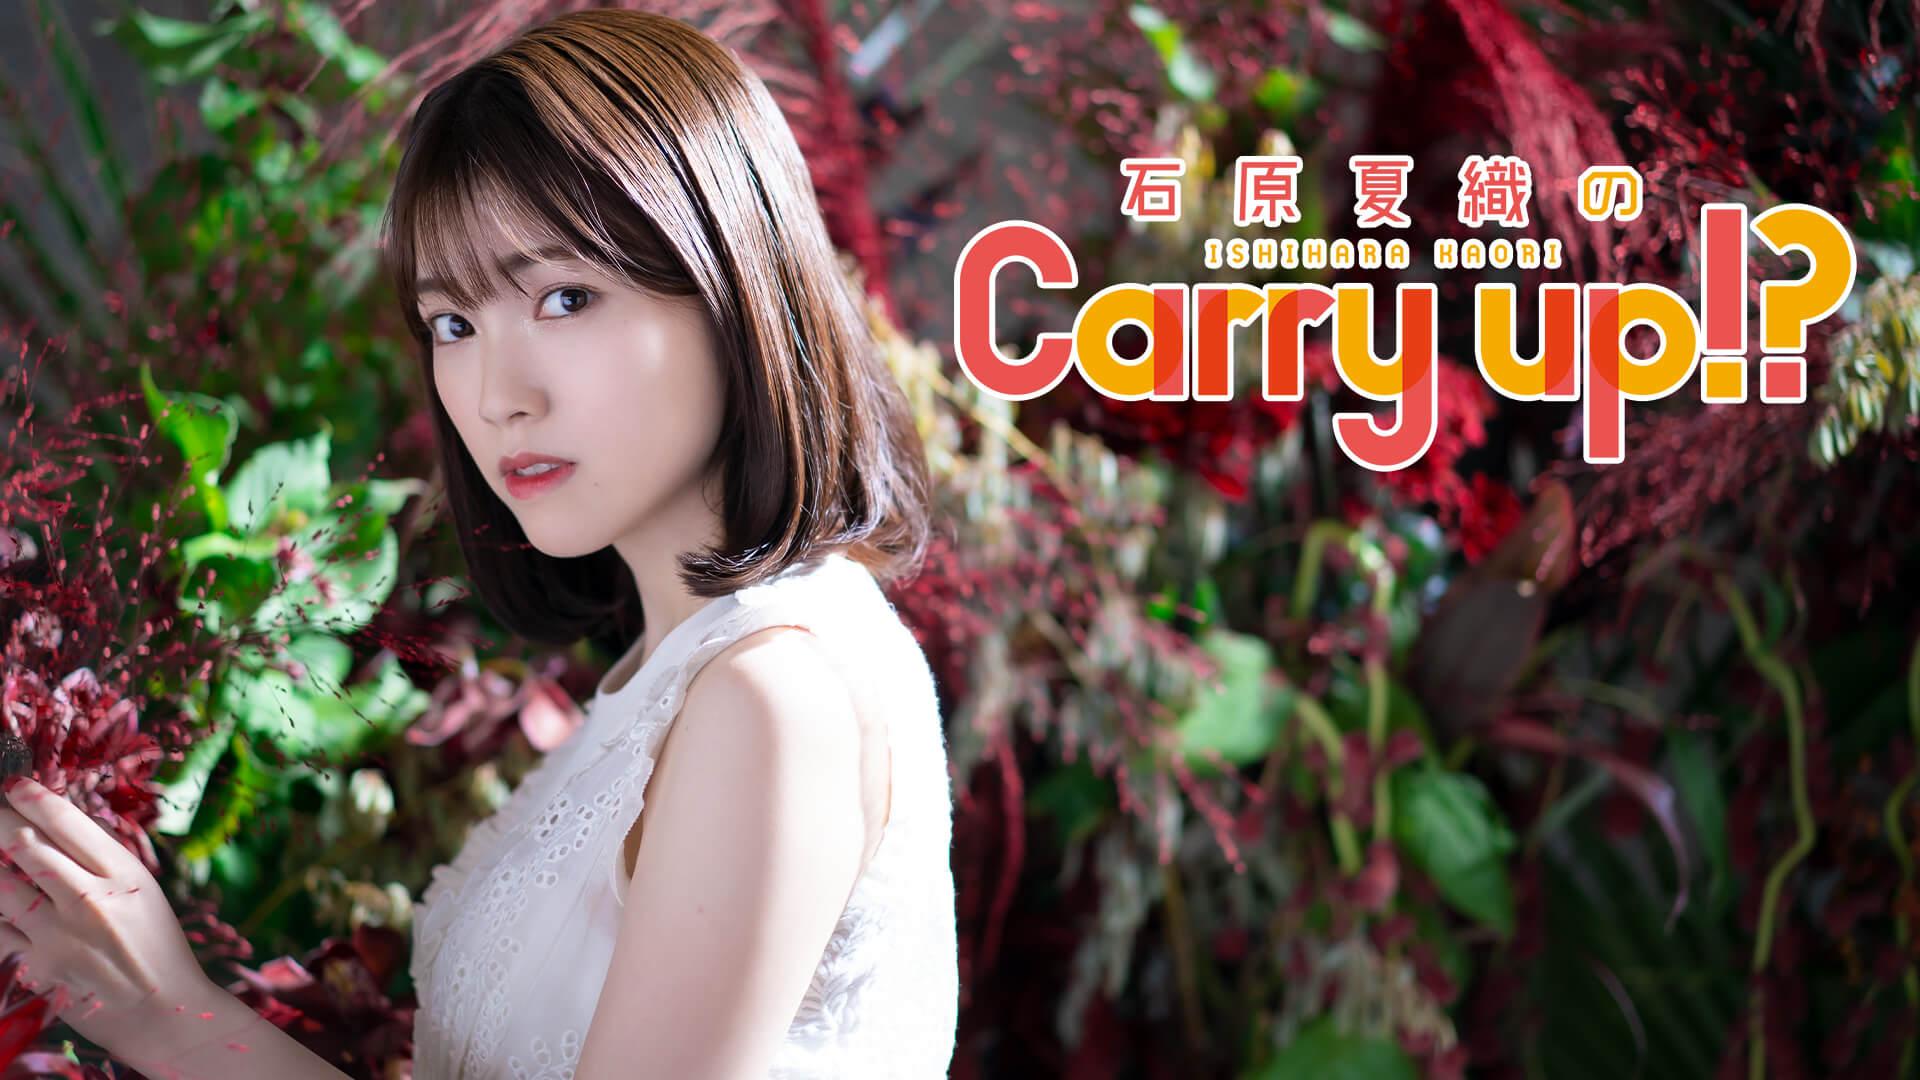 石原夏織のCarry up!? #169(2021年3月22日放送)